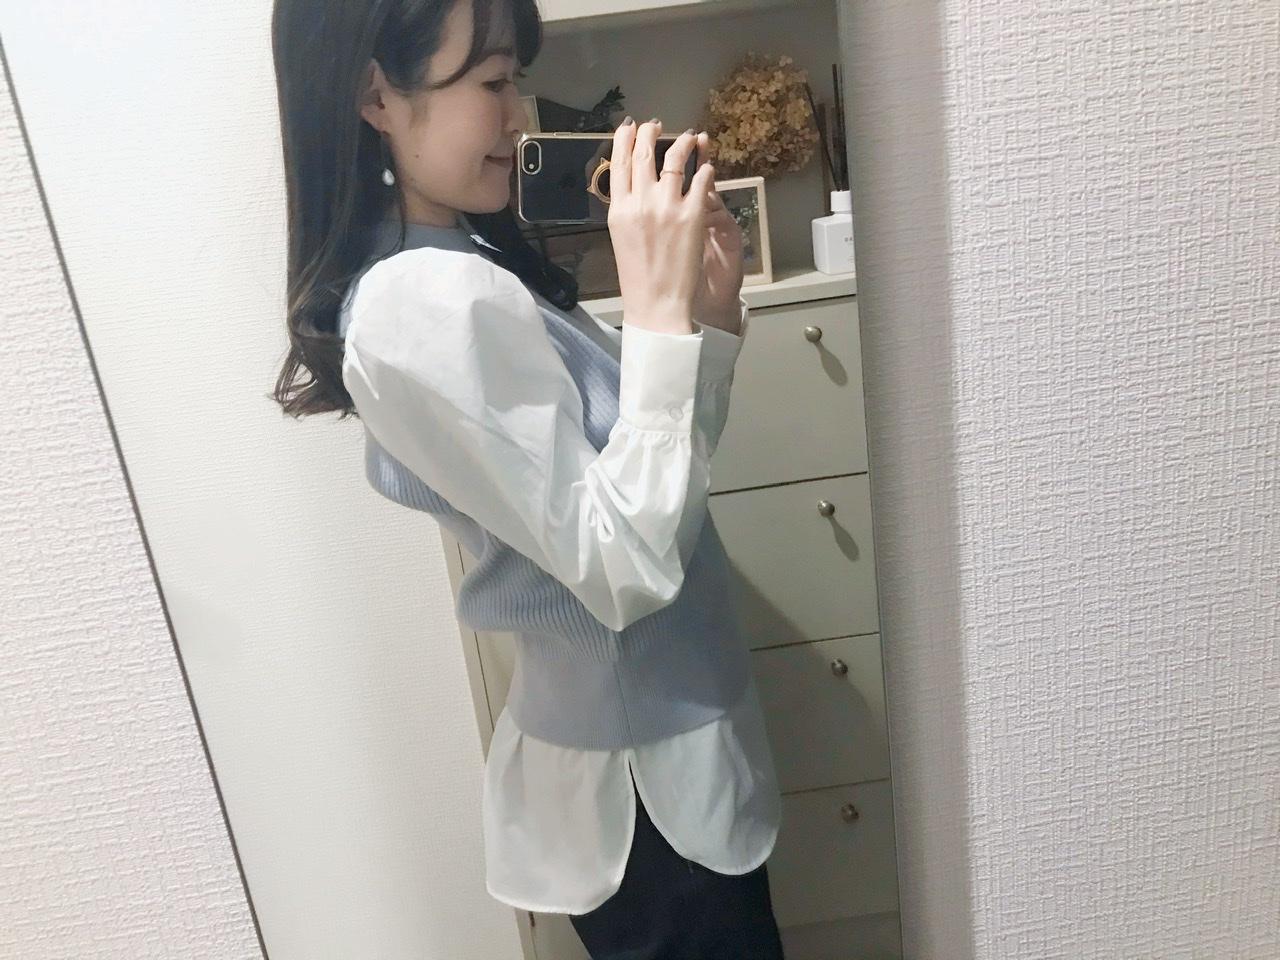 【GU】1990円とは思えない!1枚でトレンドのレイヤードスタイル&春まで使えるニット♡_5